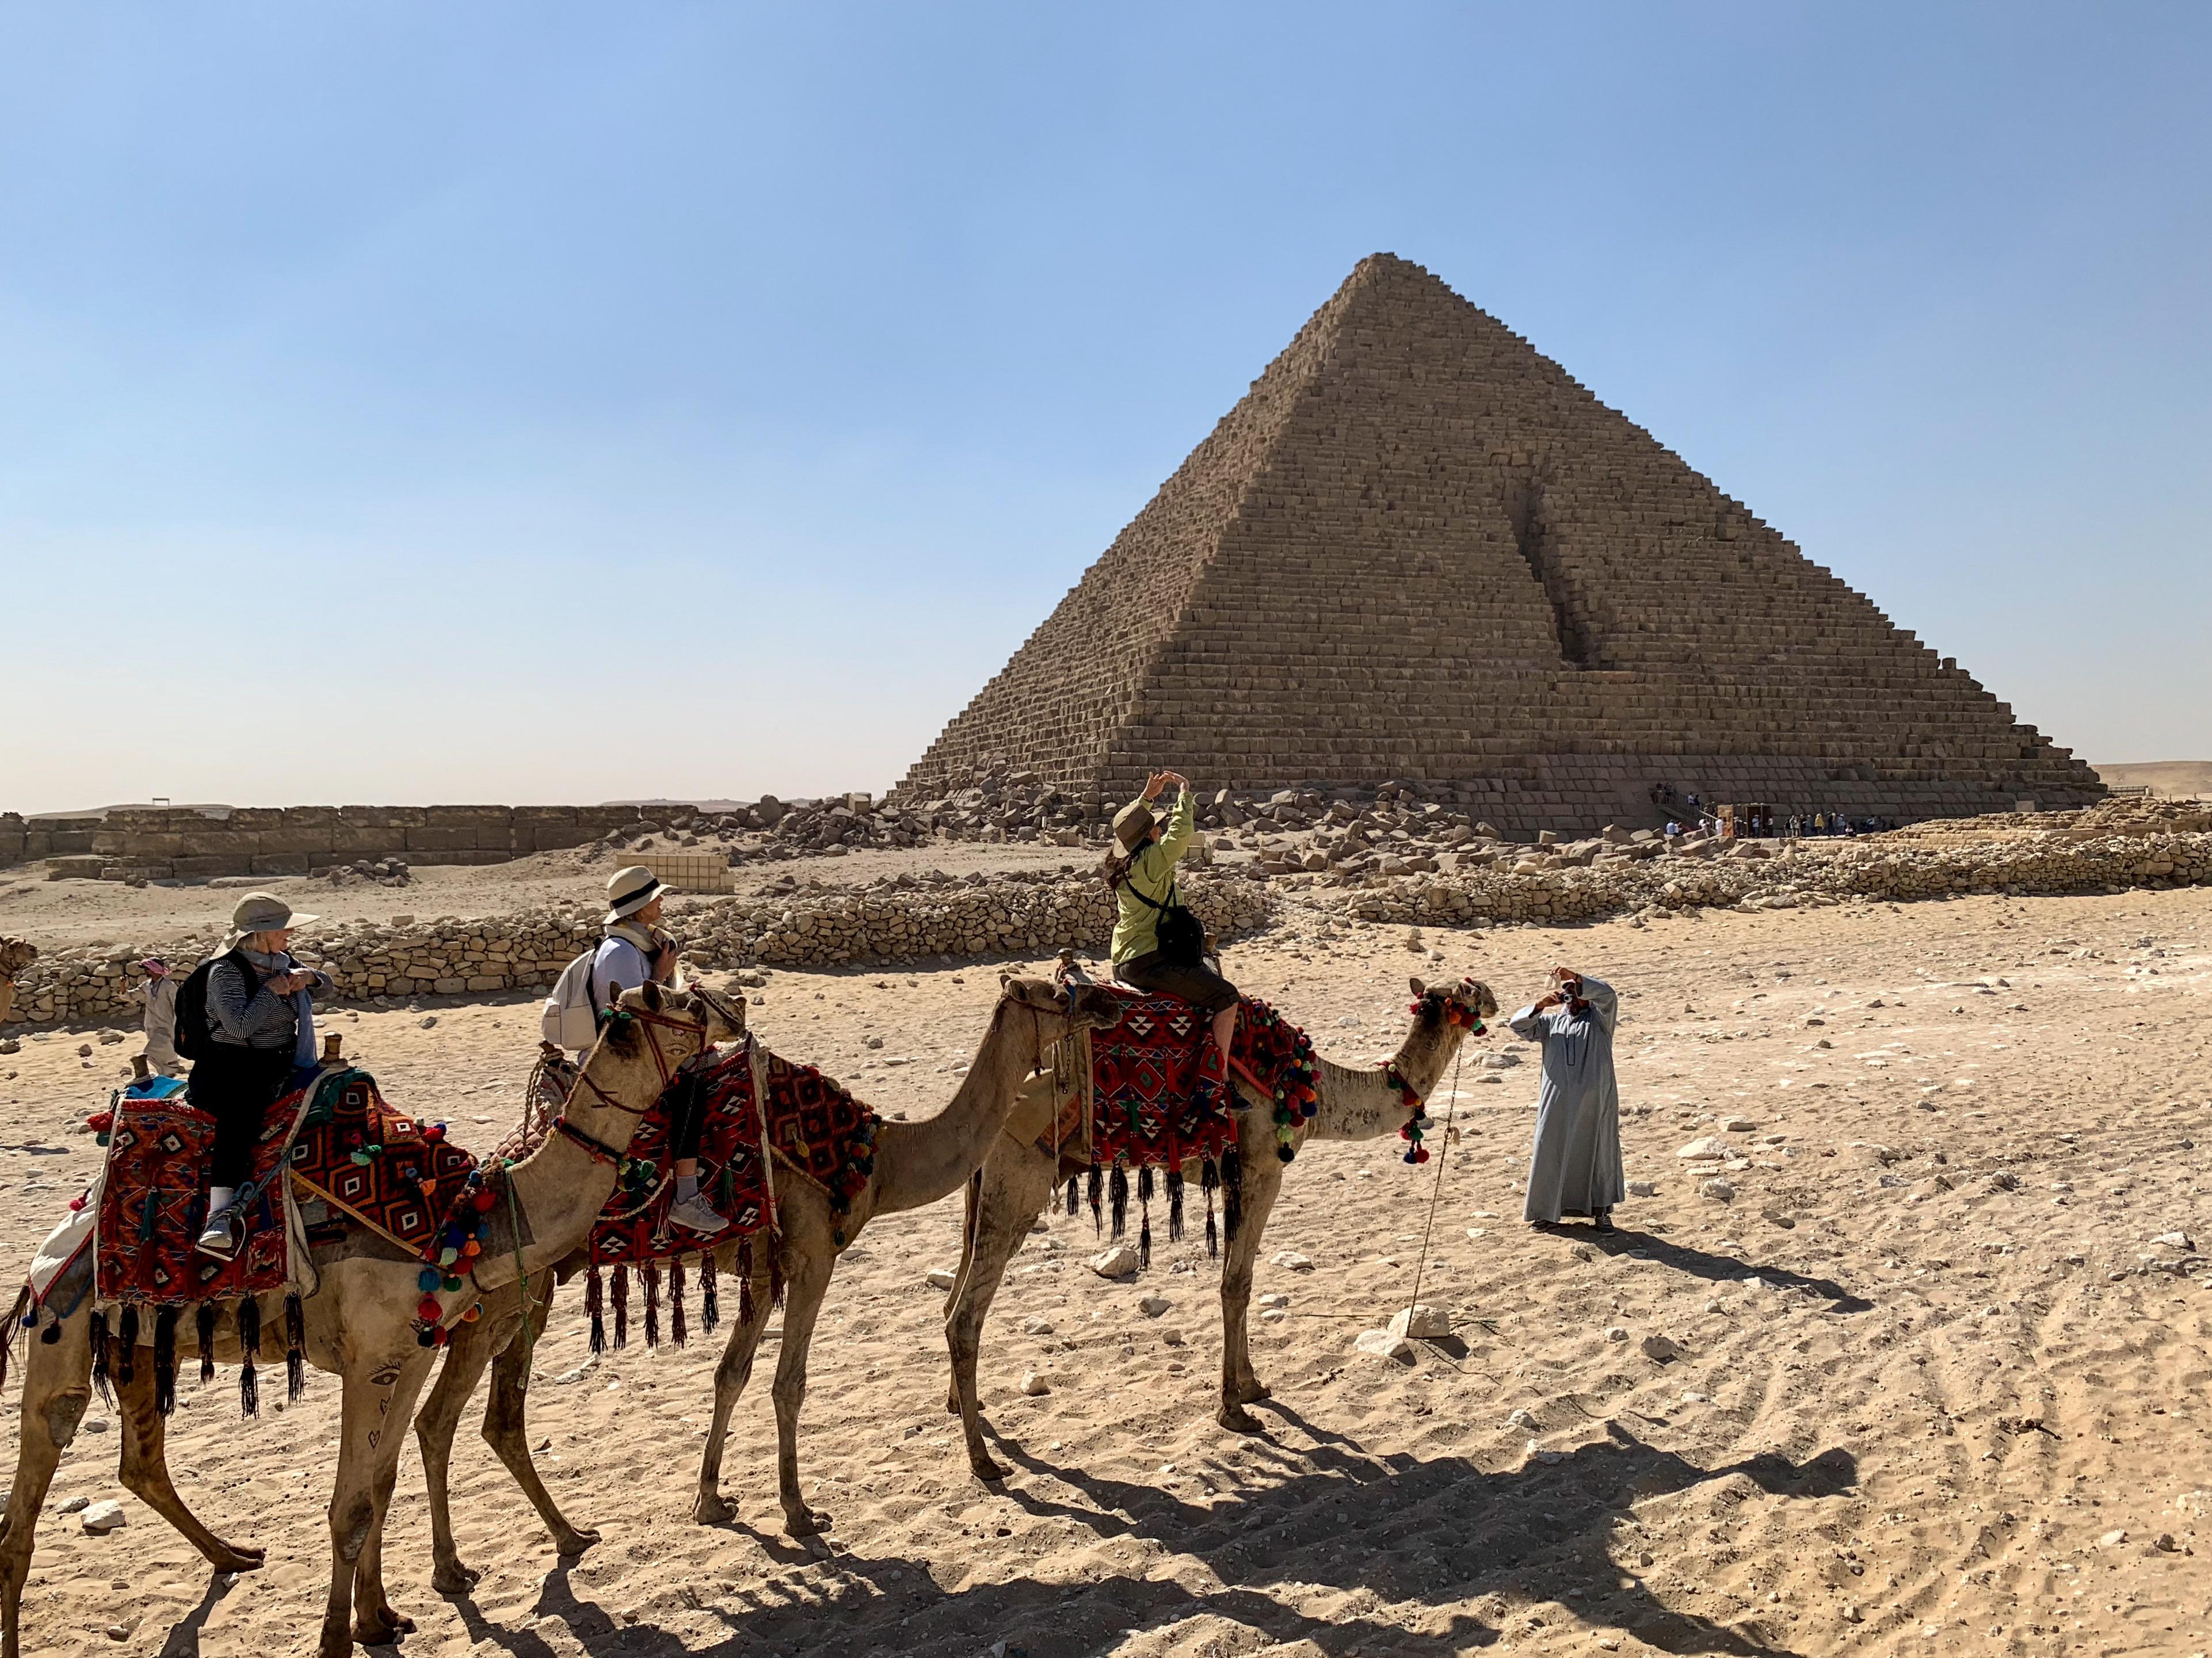 pyramid-egypt-bodil-fuhr